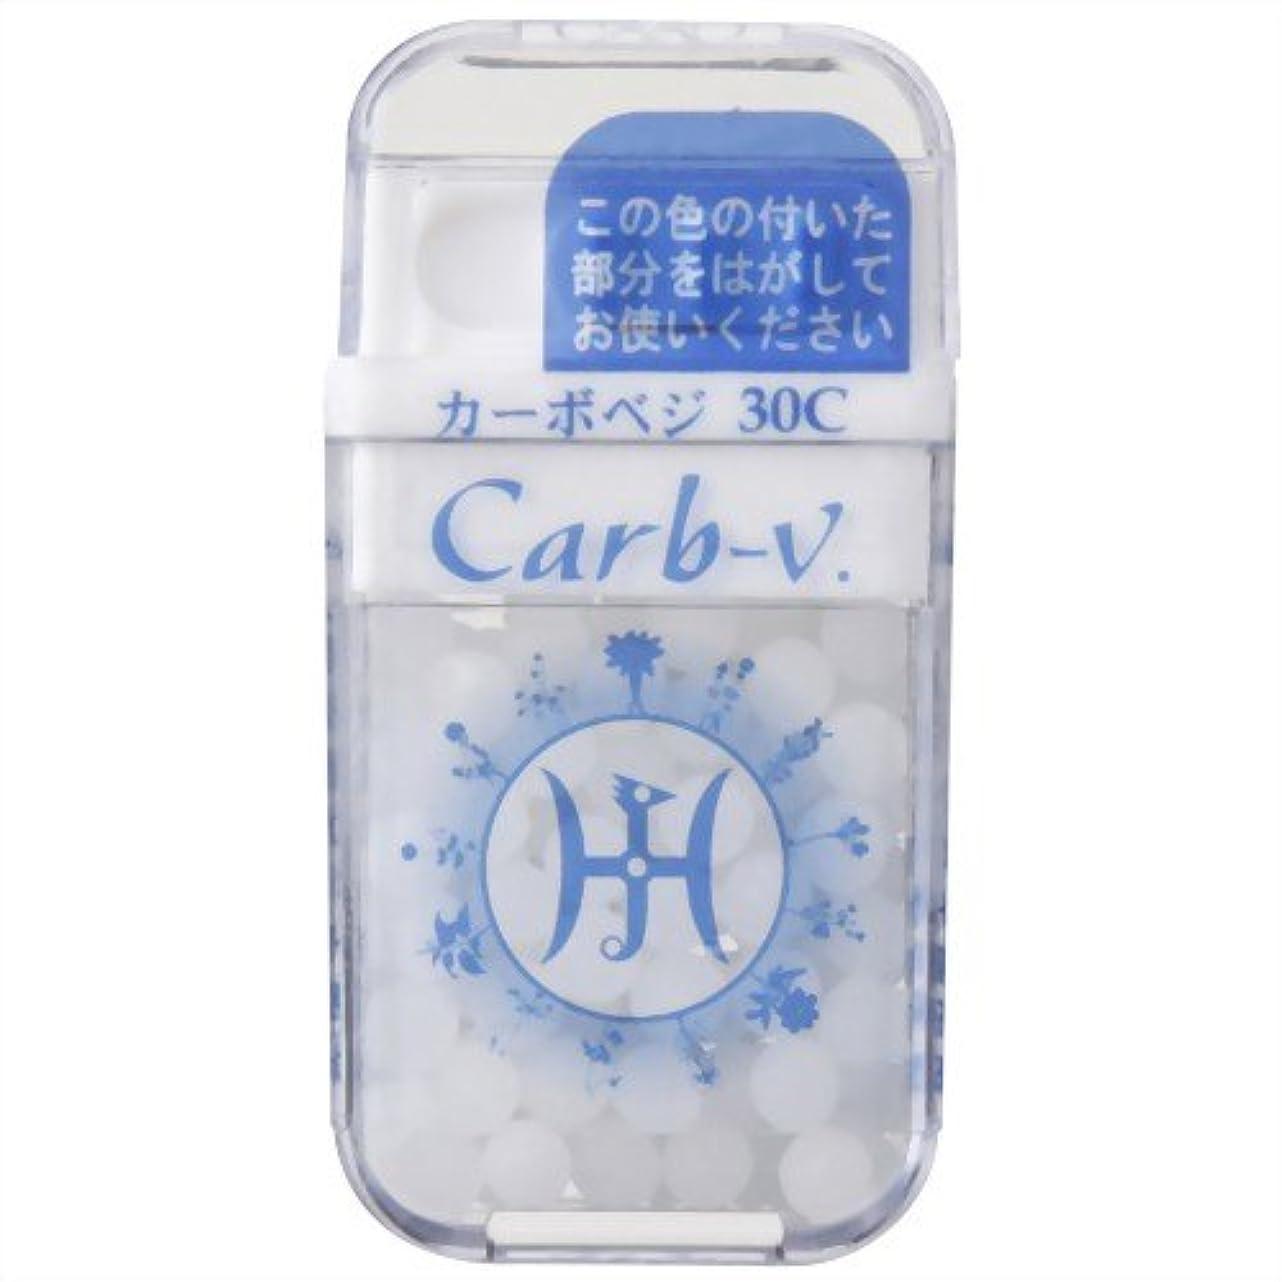 回想バット劇的ホメオパシージャパンレメディー Carb-v.  カーボベジ 30C (大ビン)